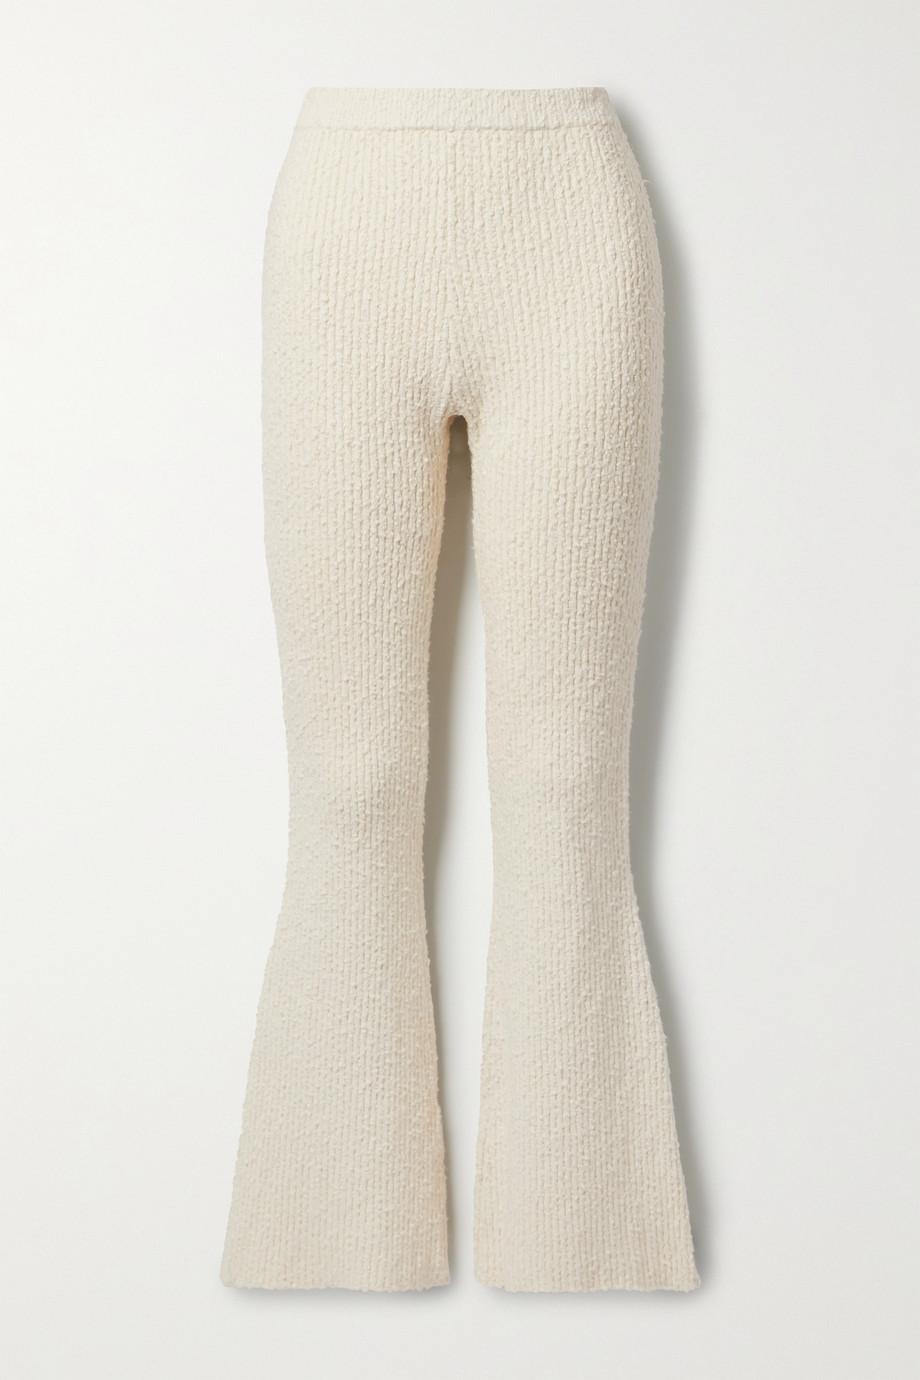 Helmut Lang Ribbed cotton-blend bouclé flared pants